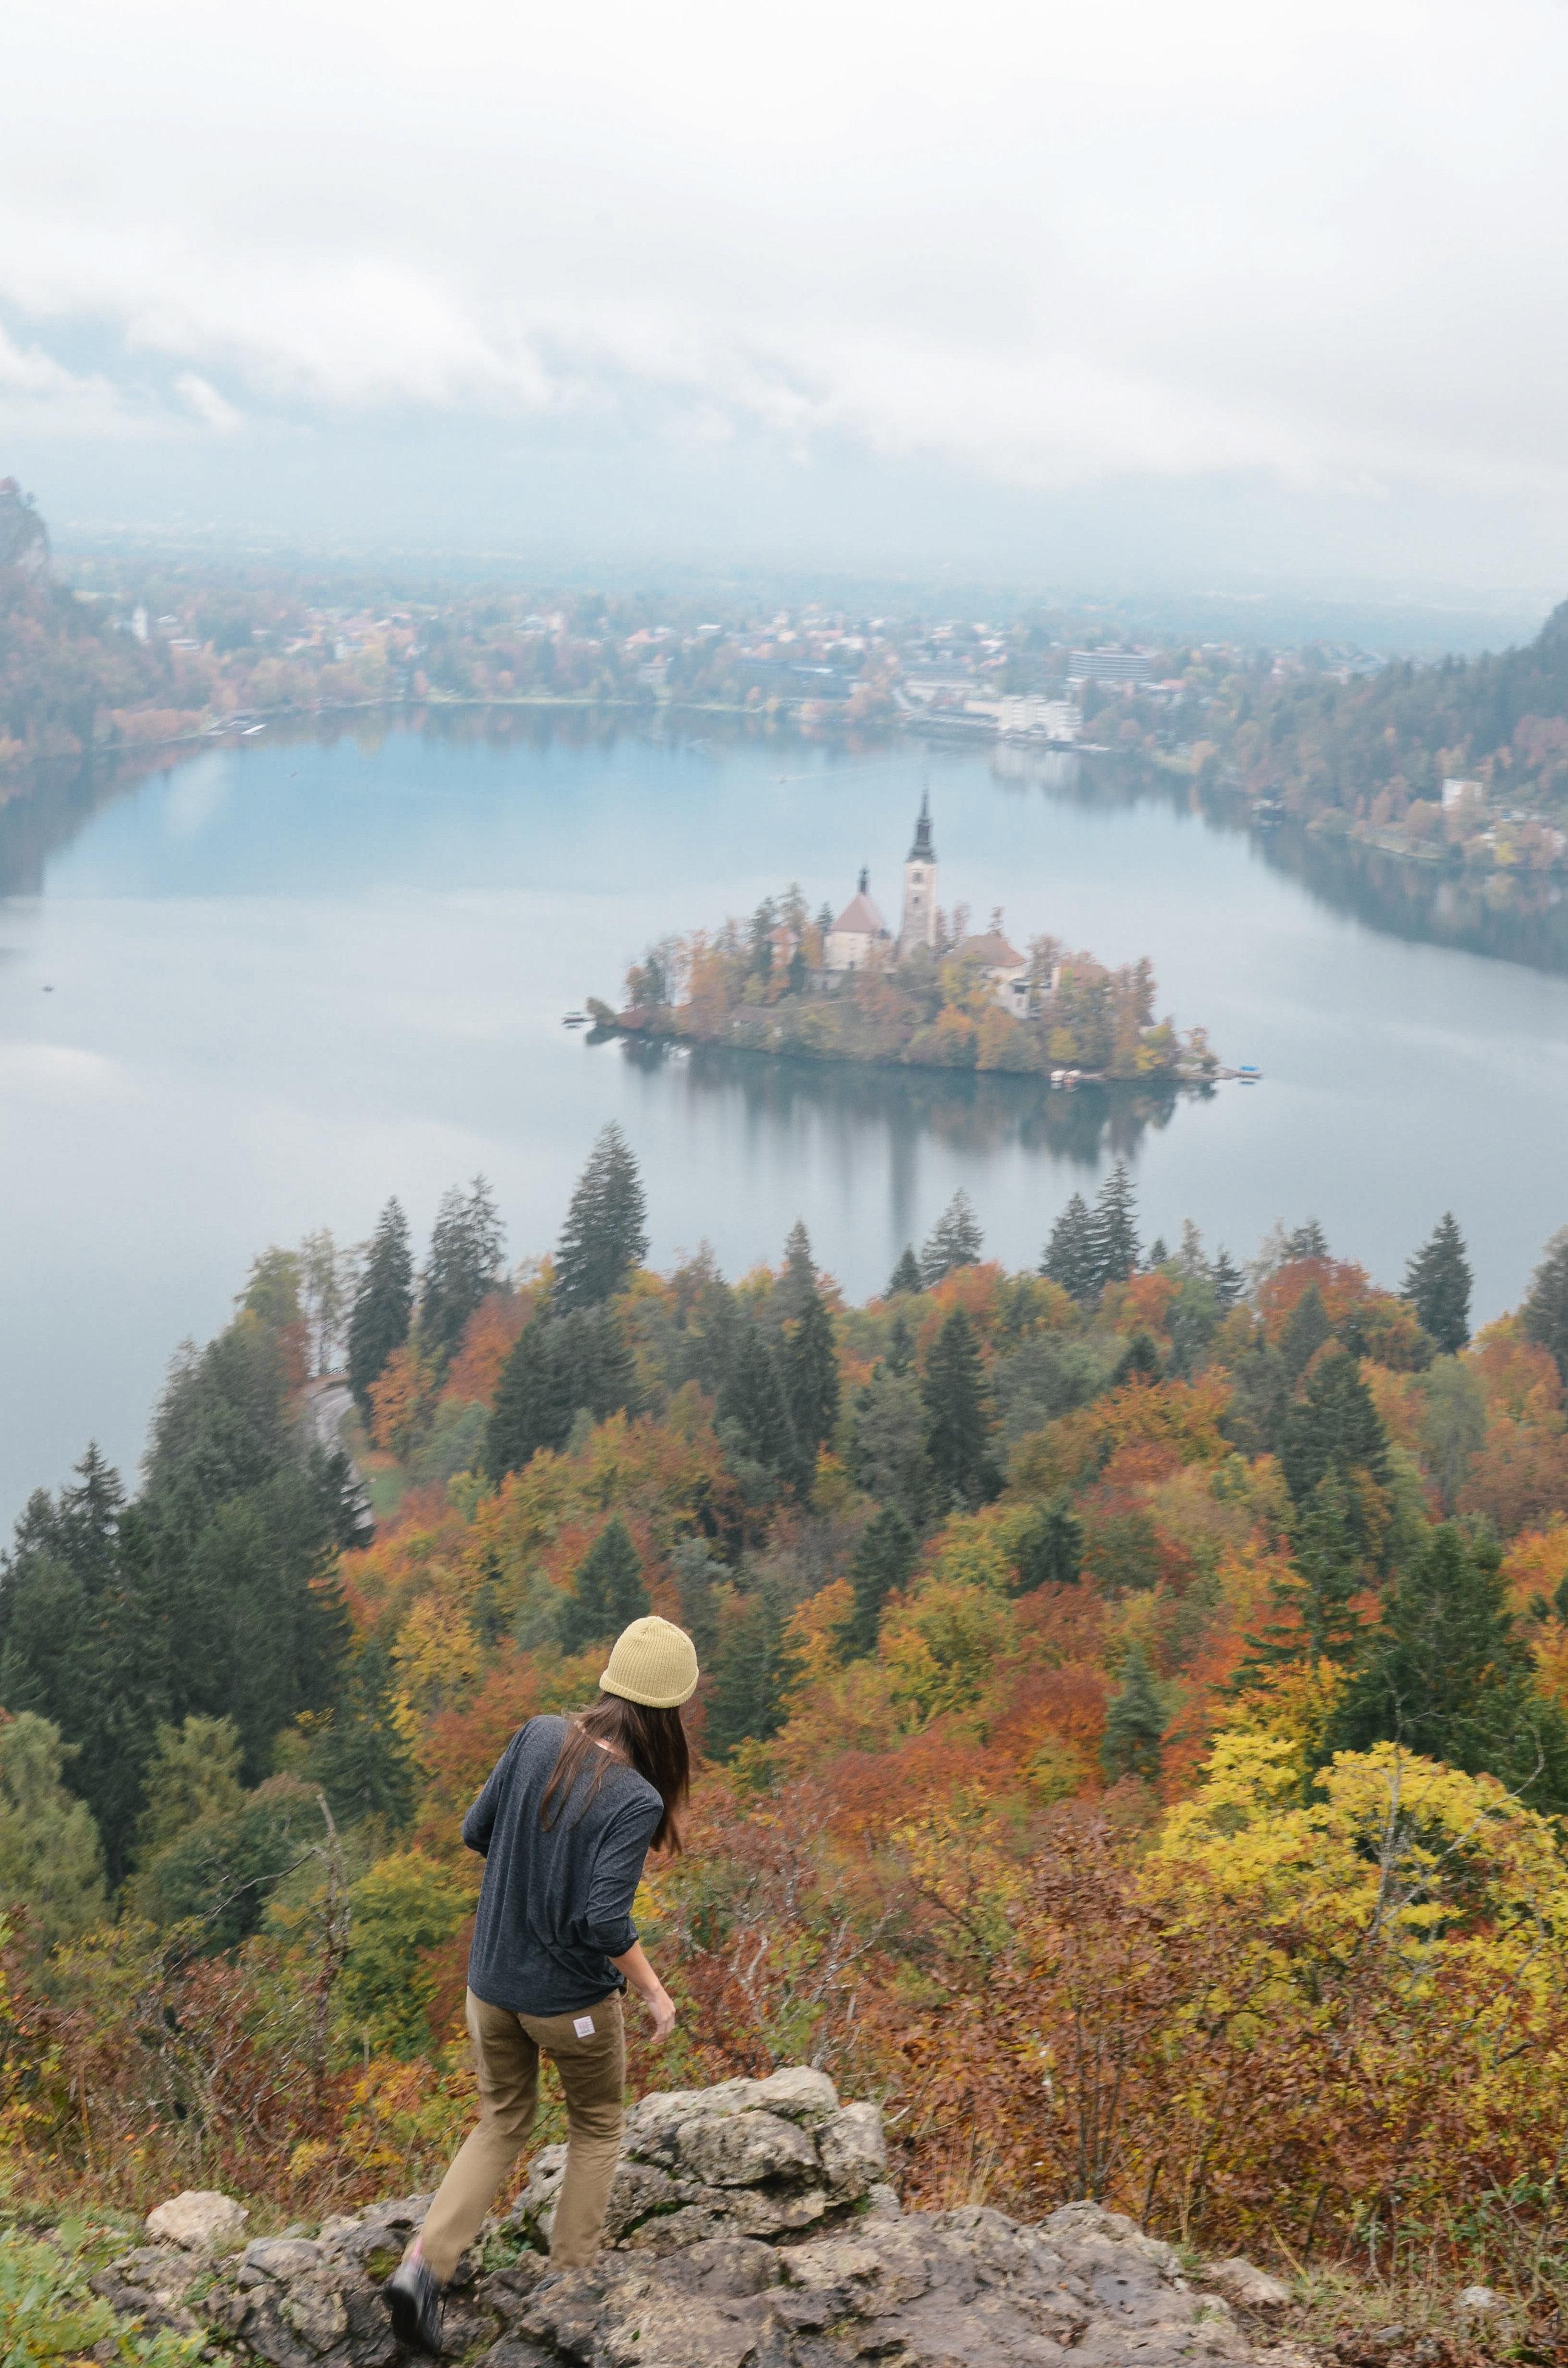 lake-bled-slovenia-travel-guide-lifeonpine_DSC_1475.jpg